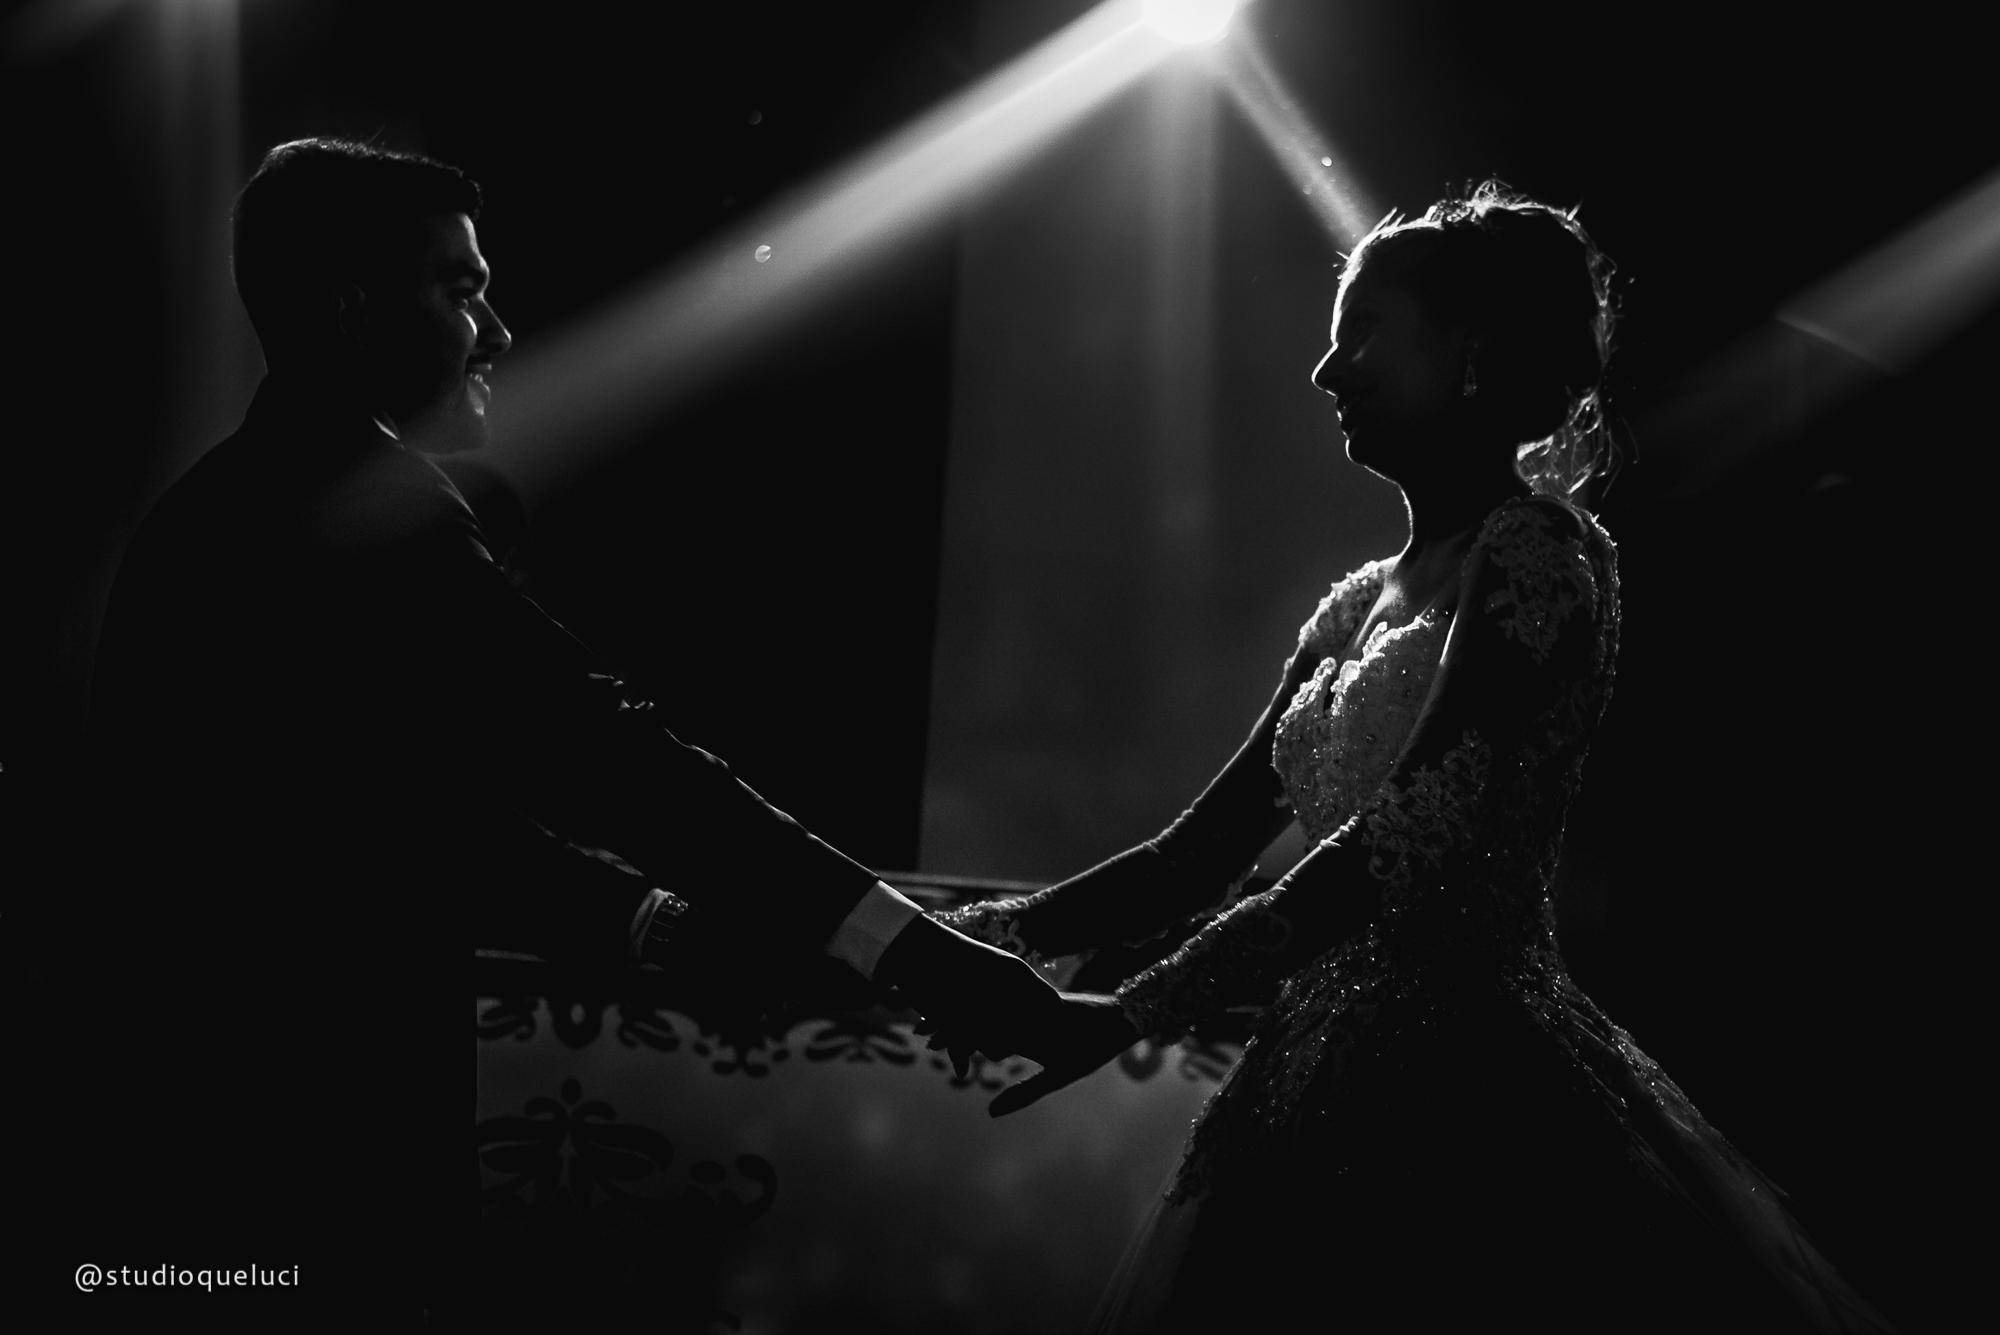 fotografo de casamento rio de janeiro (36)